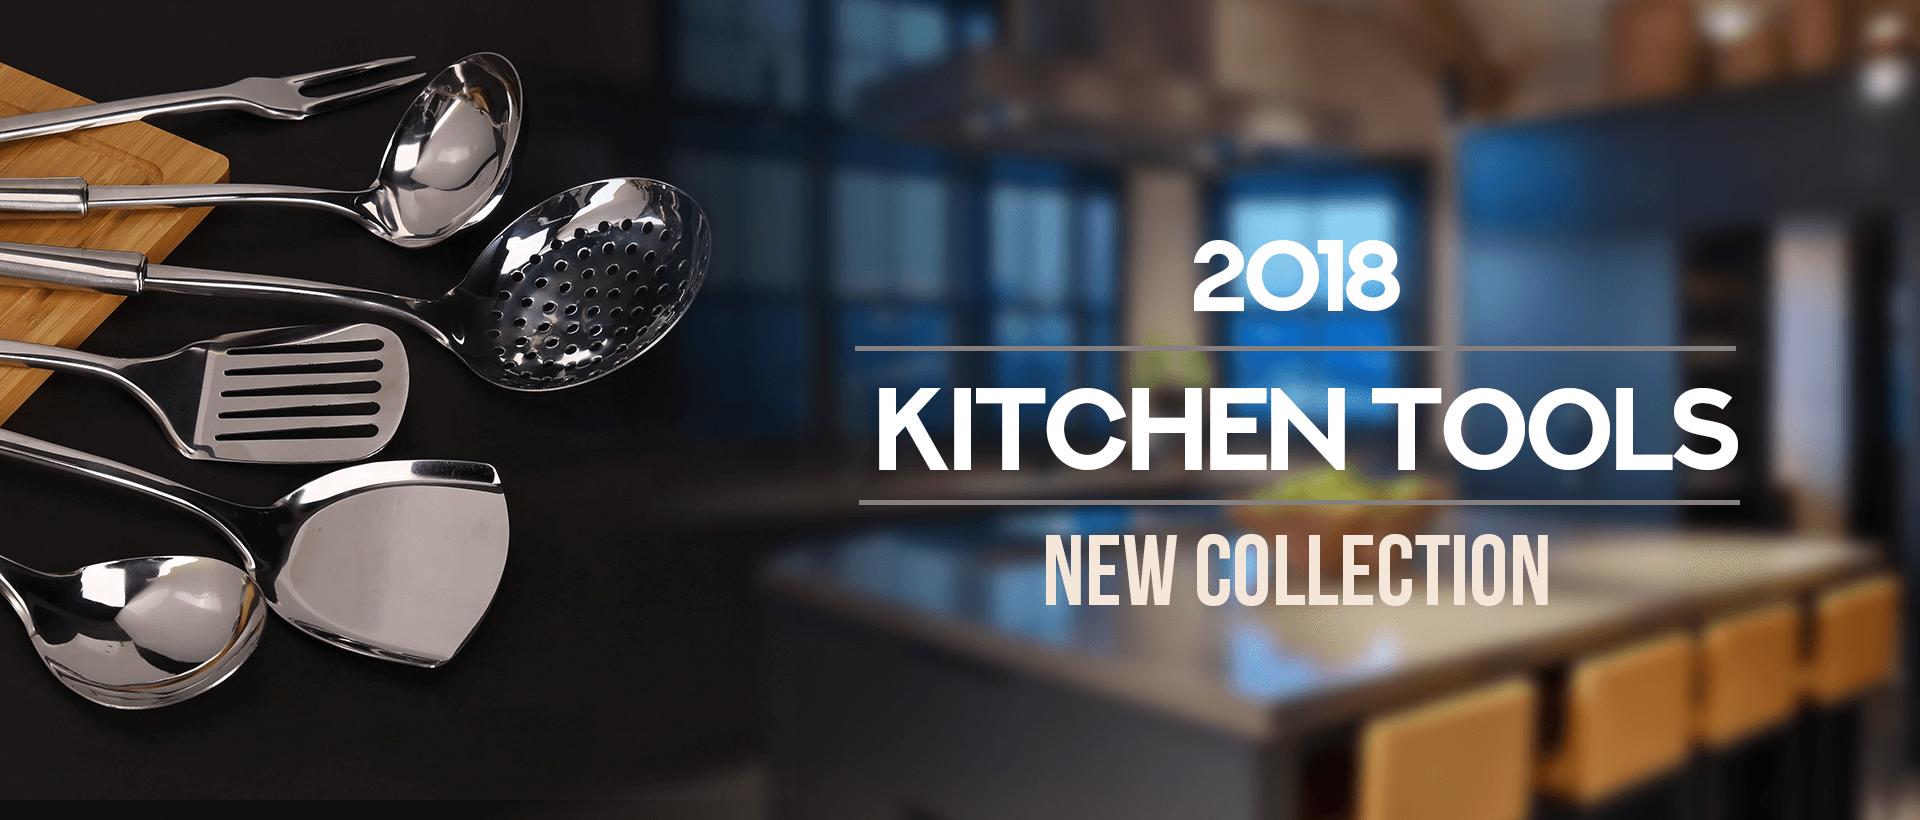 Kitchen Tools 2018 ...